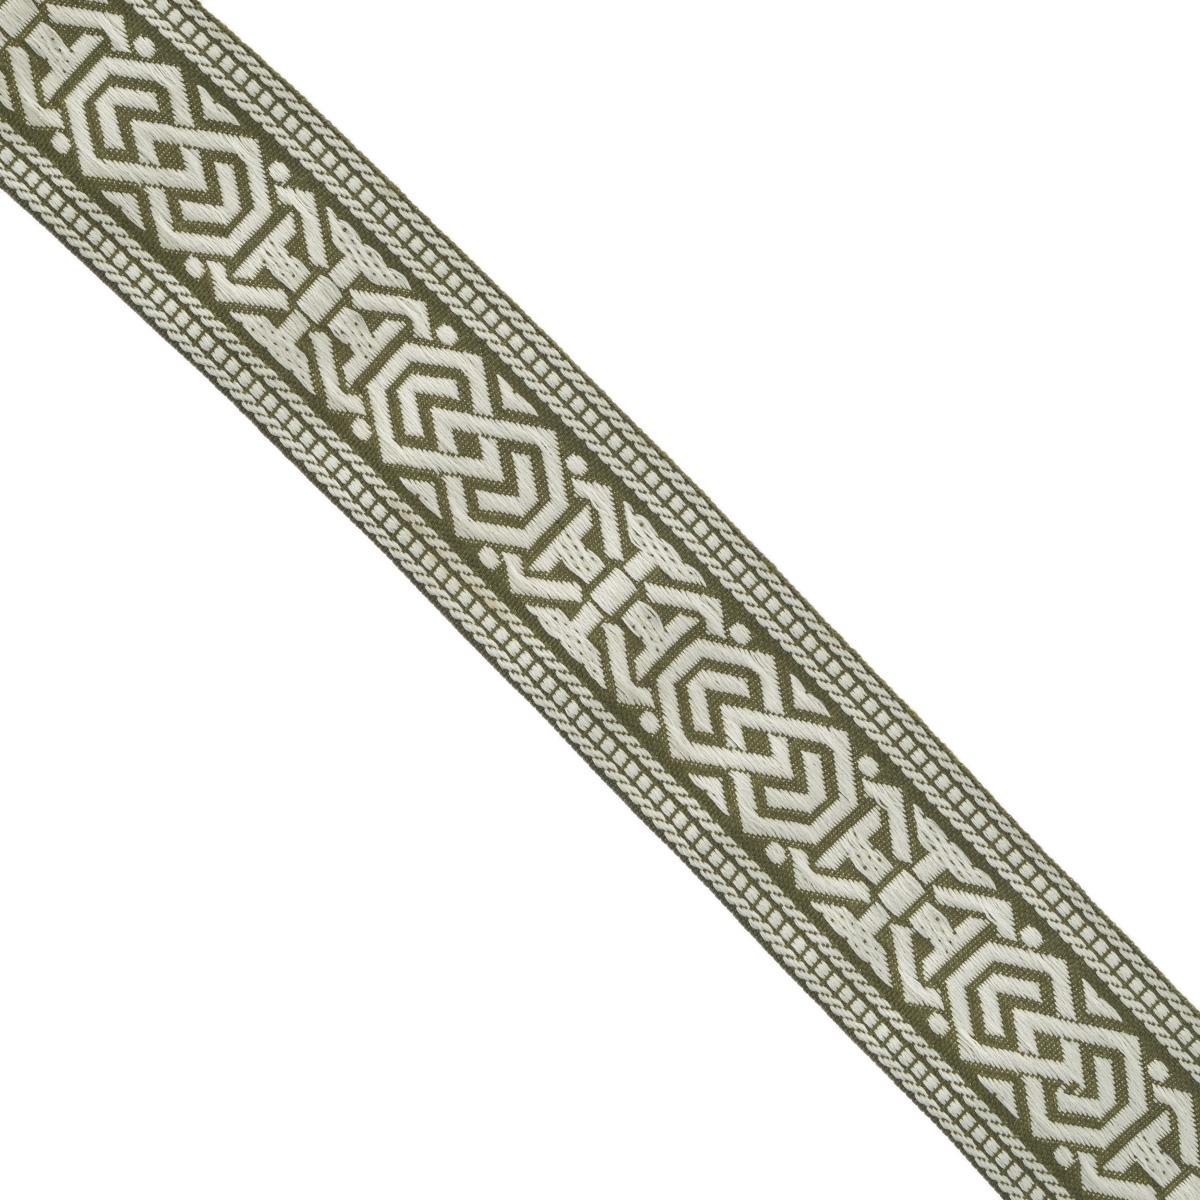 Тесьма декоративная Астра, цвет: оливковый (55L/17), ширина 3 см, длина 16,4 м. 77033377703337_55L/17Декоративная тесьма Астра выполнена из текстиля и оформлена оригинальным орнаментом. Такая тесьма идеально подойдет для оформления различных творческих работ таких, как скрапбукинг, аппликация, декор коробок и открыток и многое другое. Тесьма наивысшего качества и практична в использовании. Она станет незаменимым элементом в создании рукотворного шедевра. Ширина: 3 см. Длина: 16,4 м.